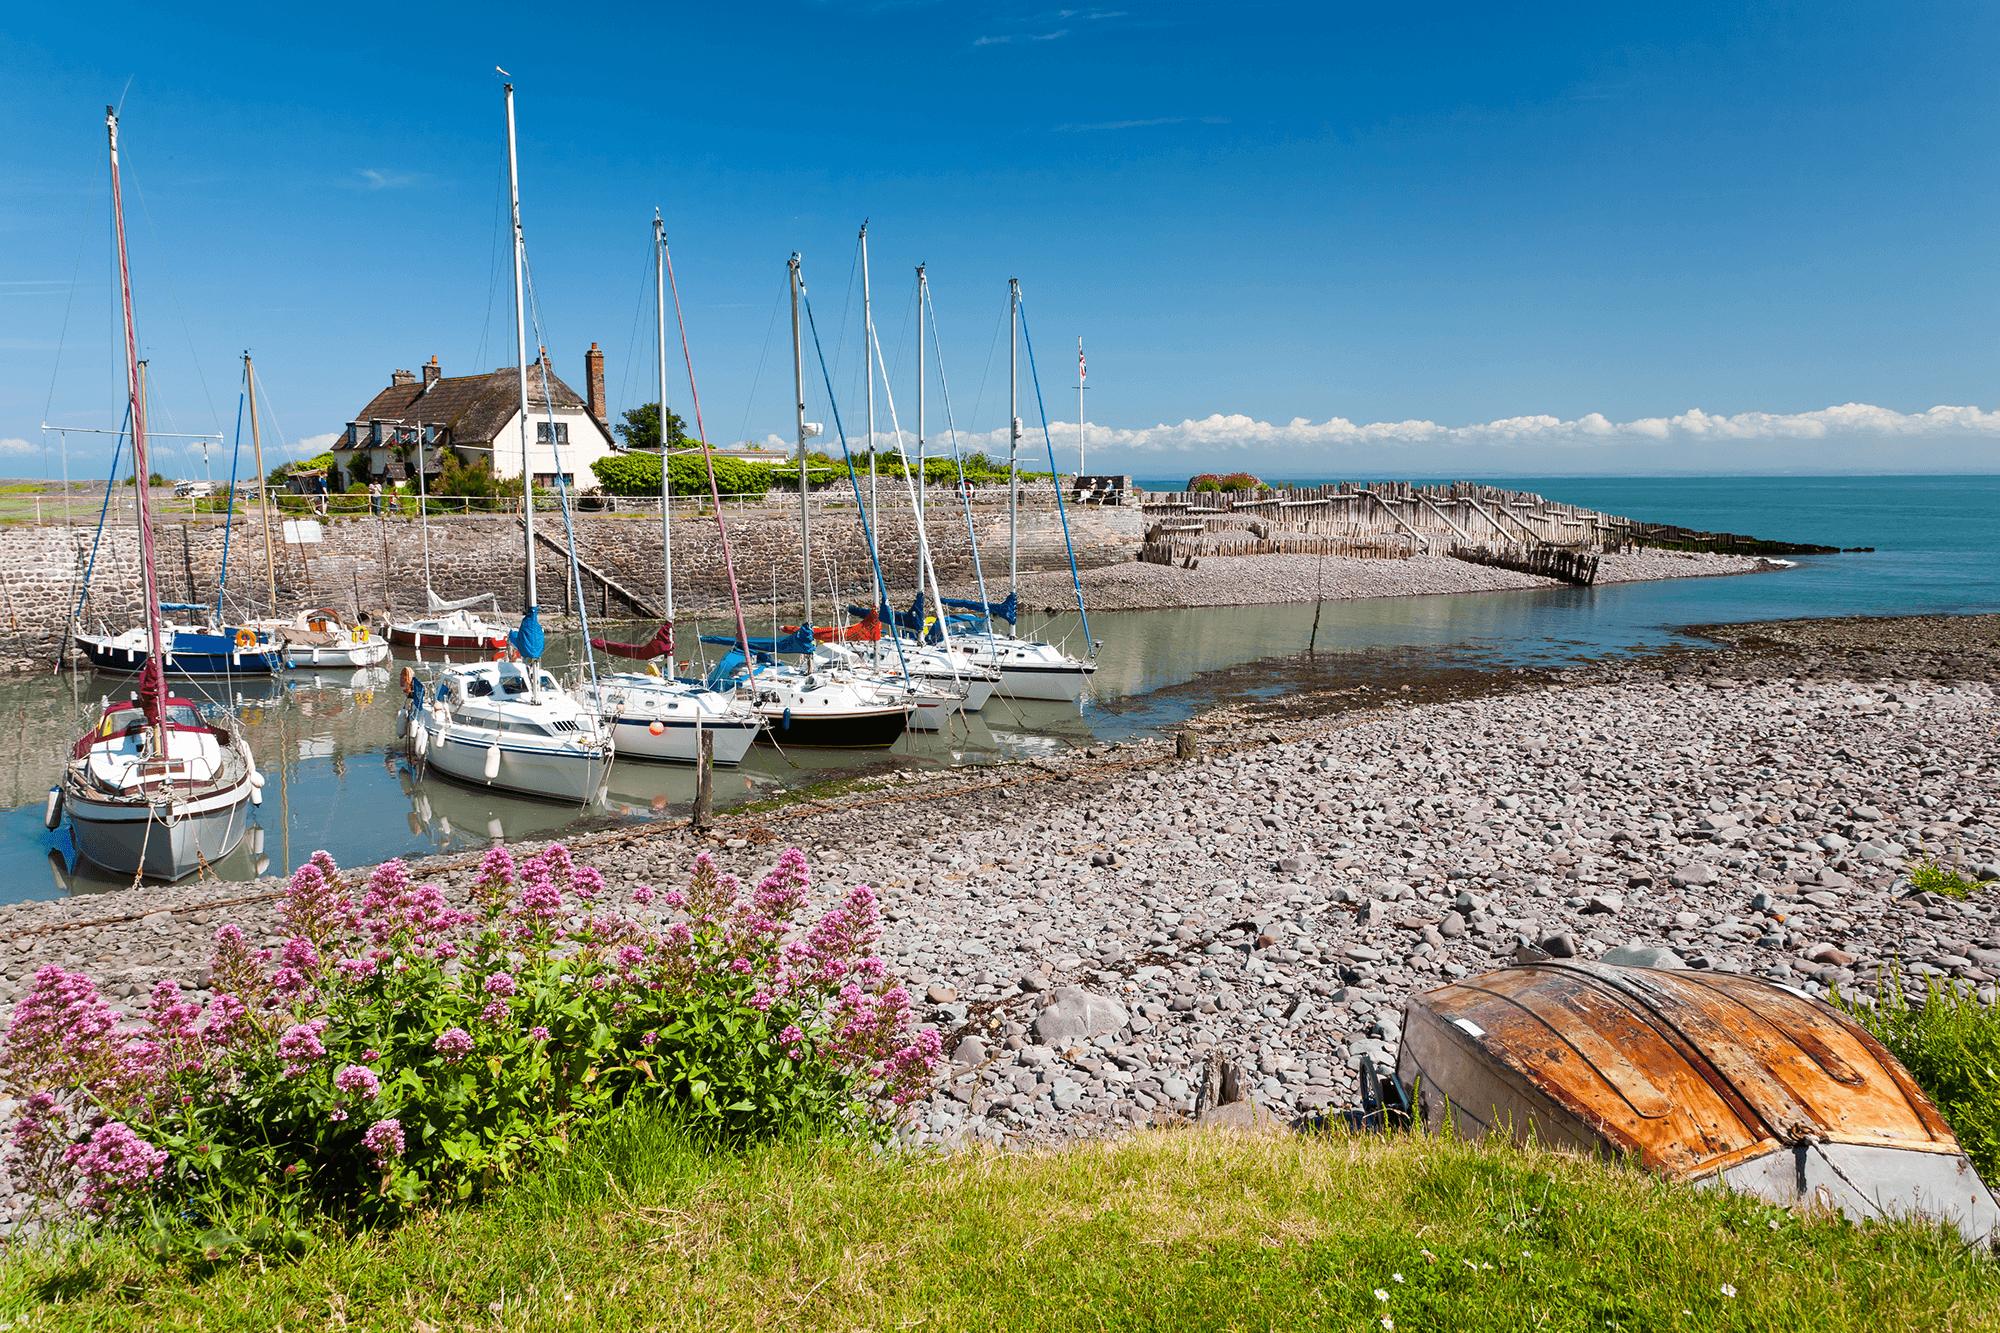 Porlock Weir - Boating